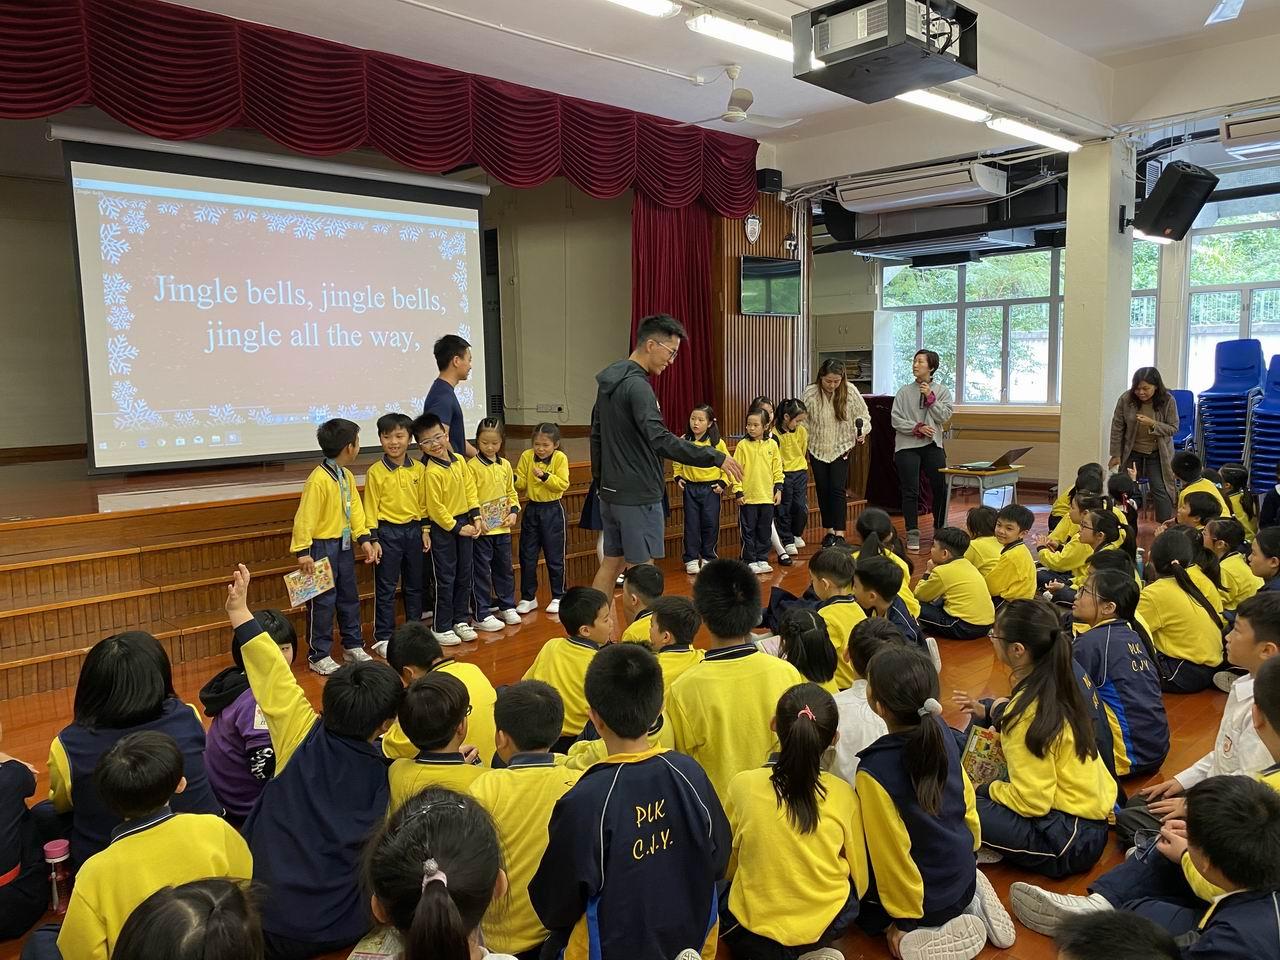 https://www.plkcjy.edu.hk/sites/default/files/img_9132.jpg